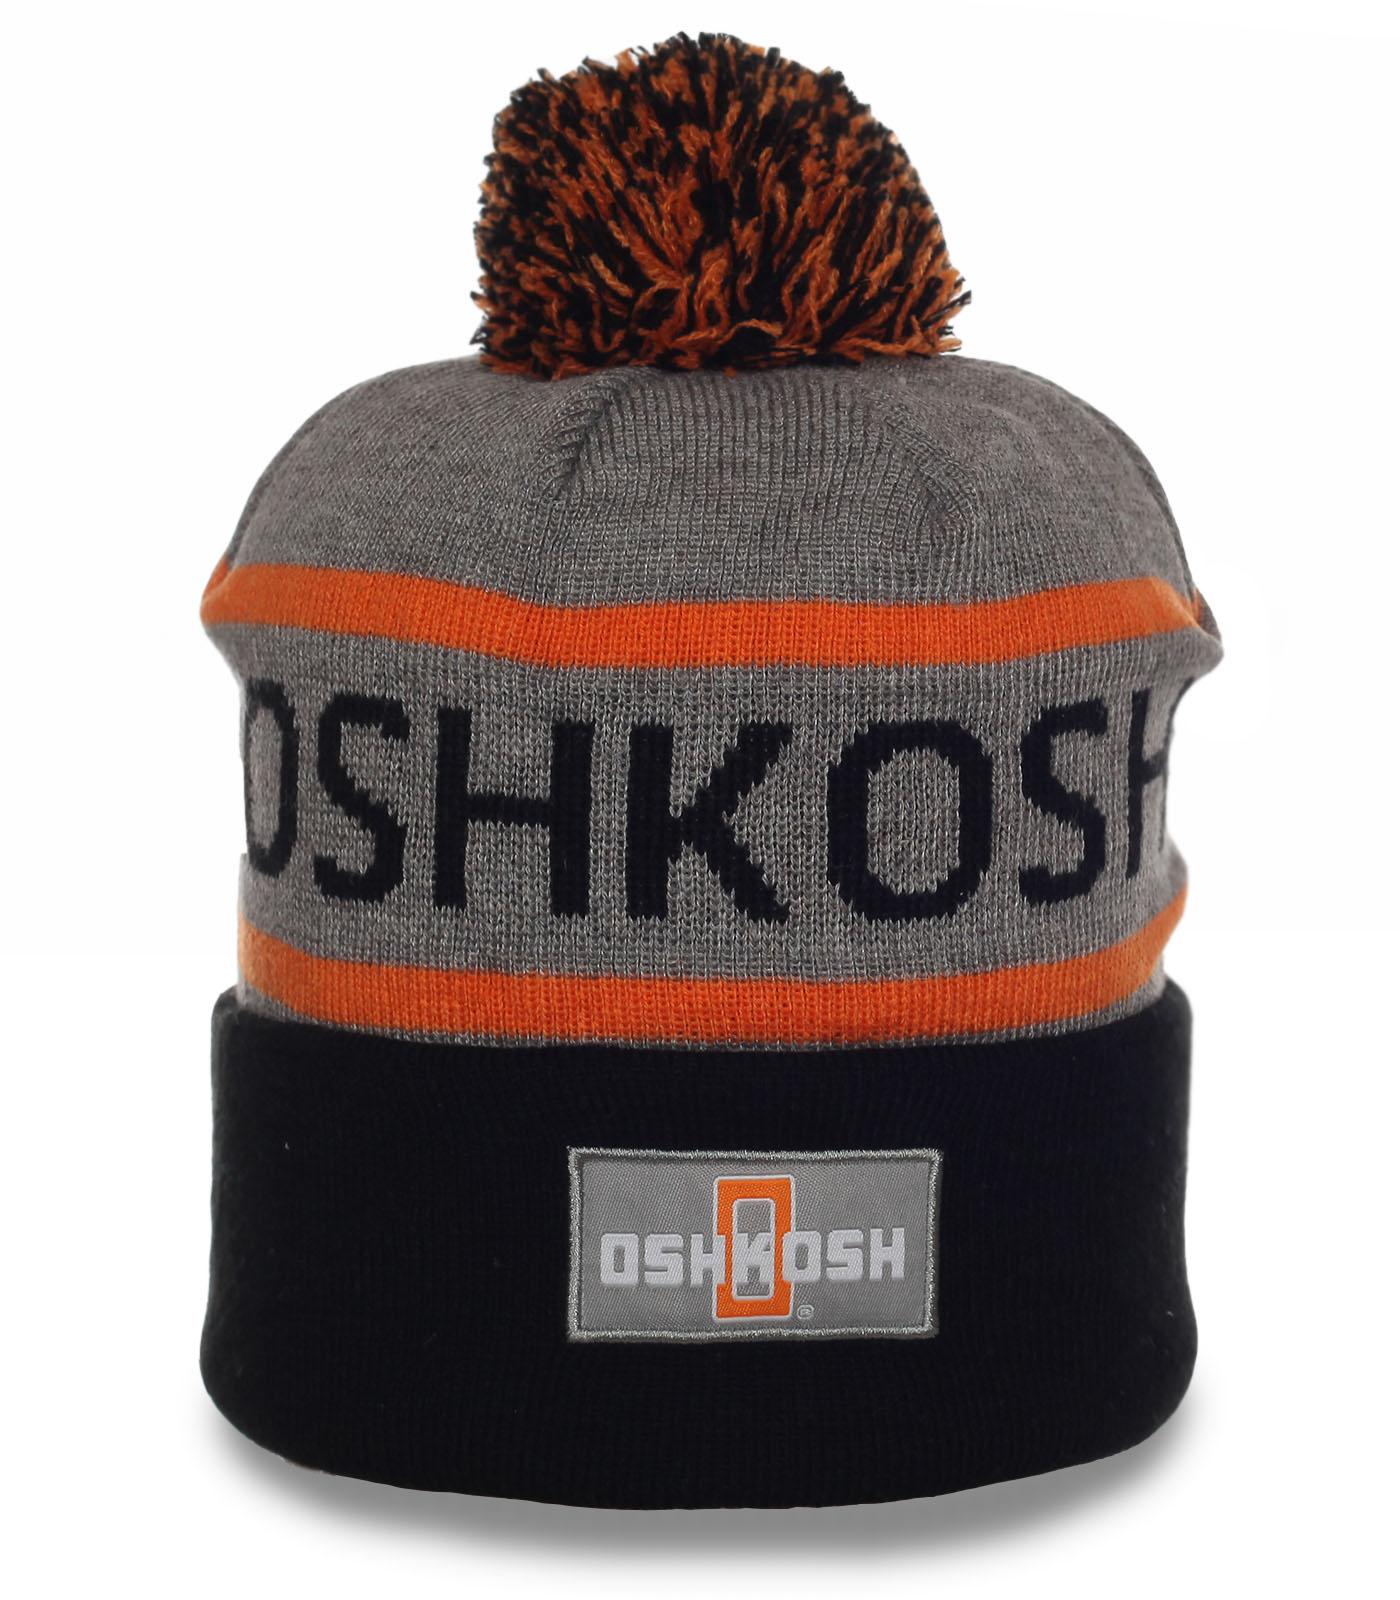 Теплая и удобная шапка Oshkosh в спортивном стиле. Эксклюзив для активных парней!